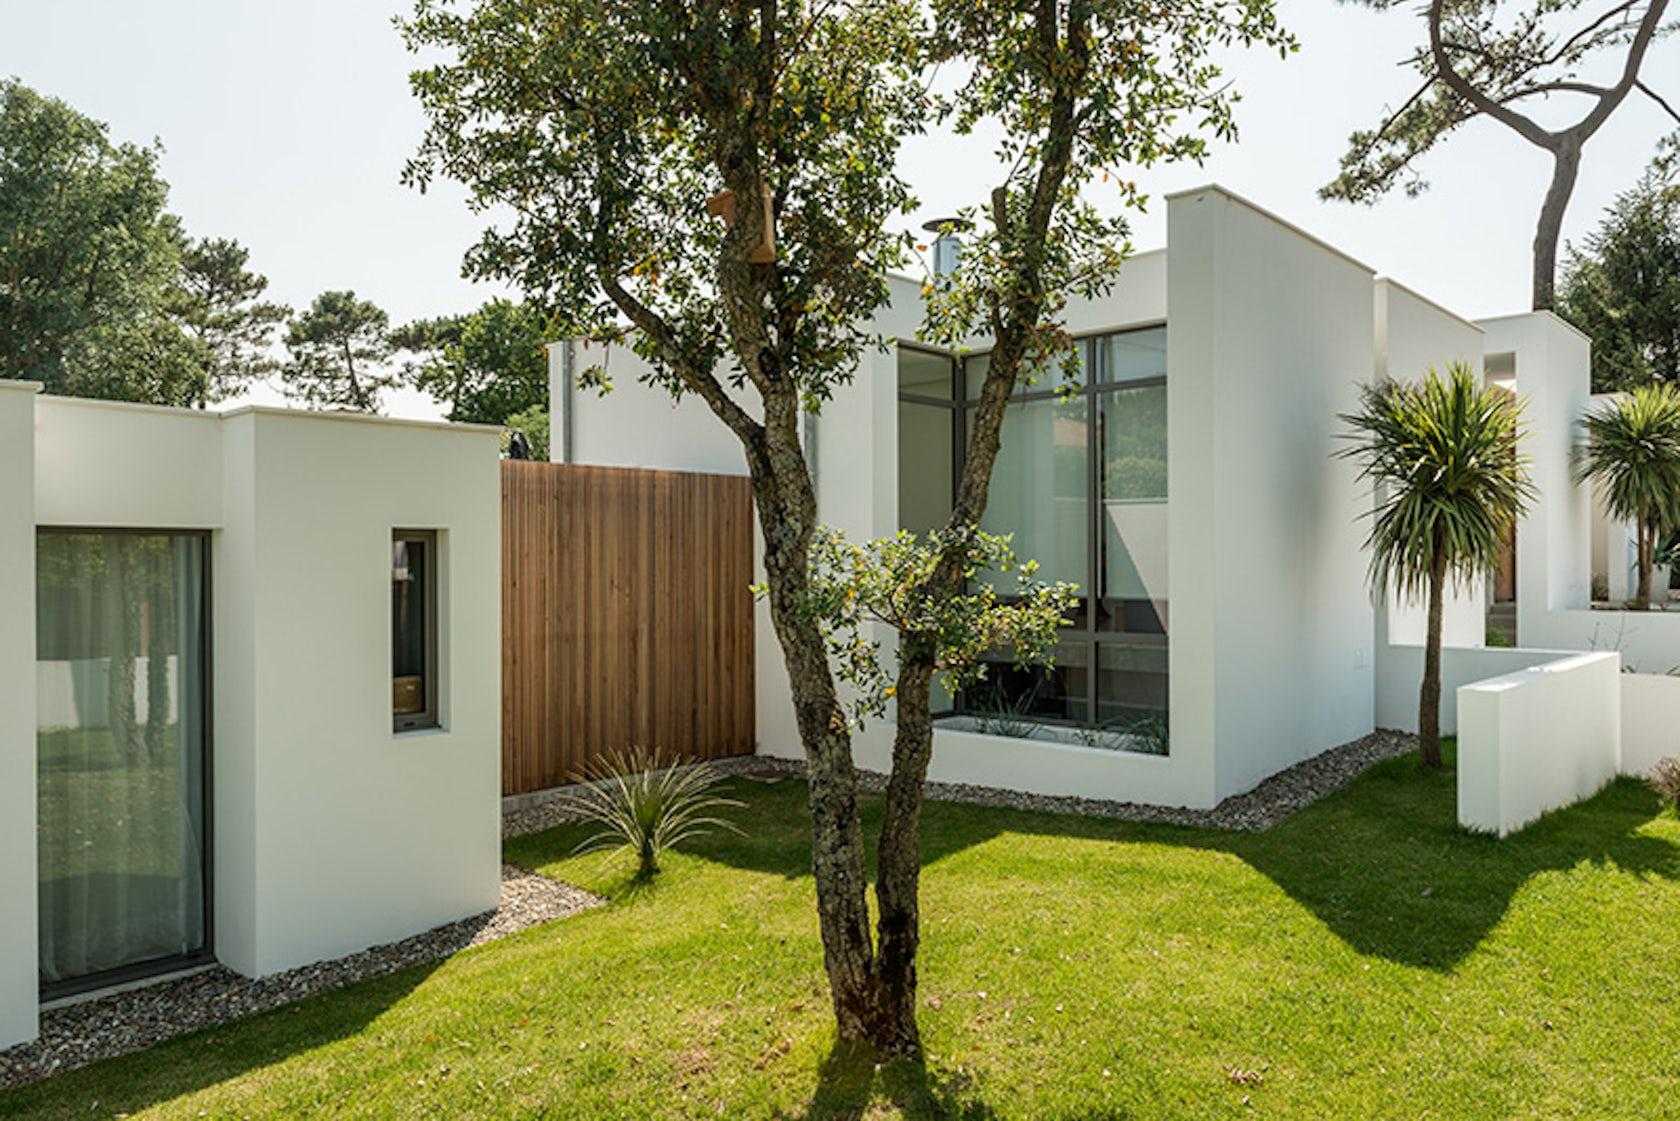 Vlv house architizer - Les plus belles maisons du monde ...